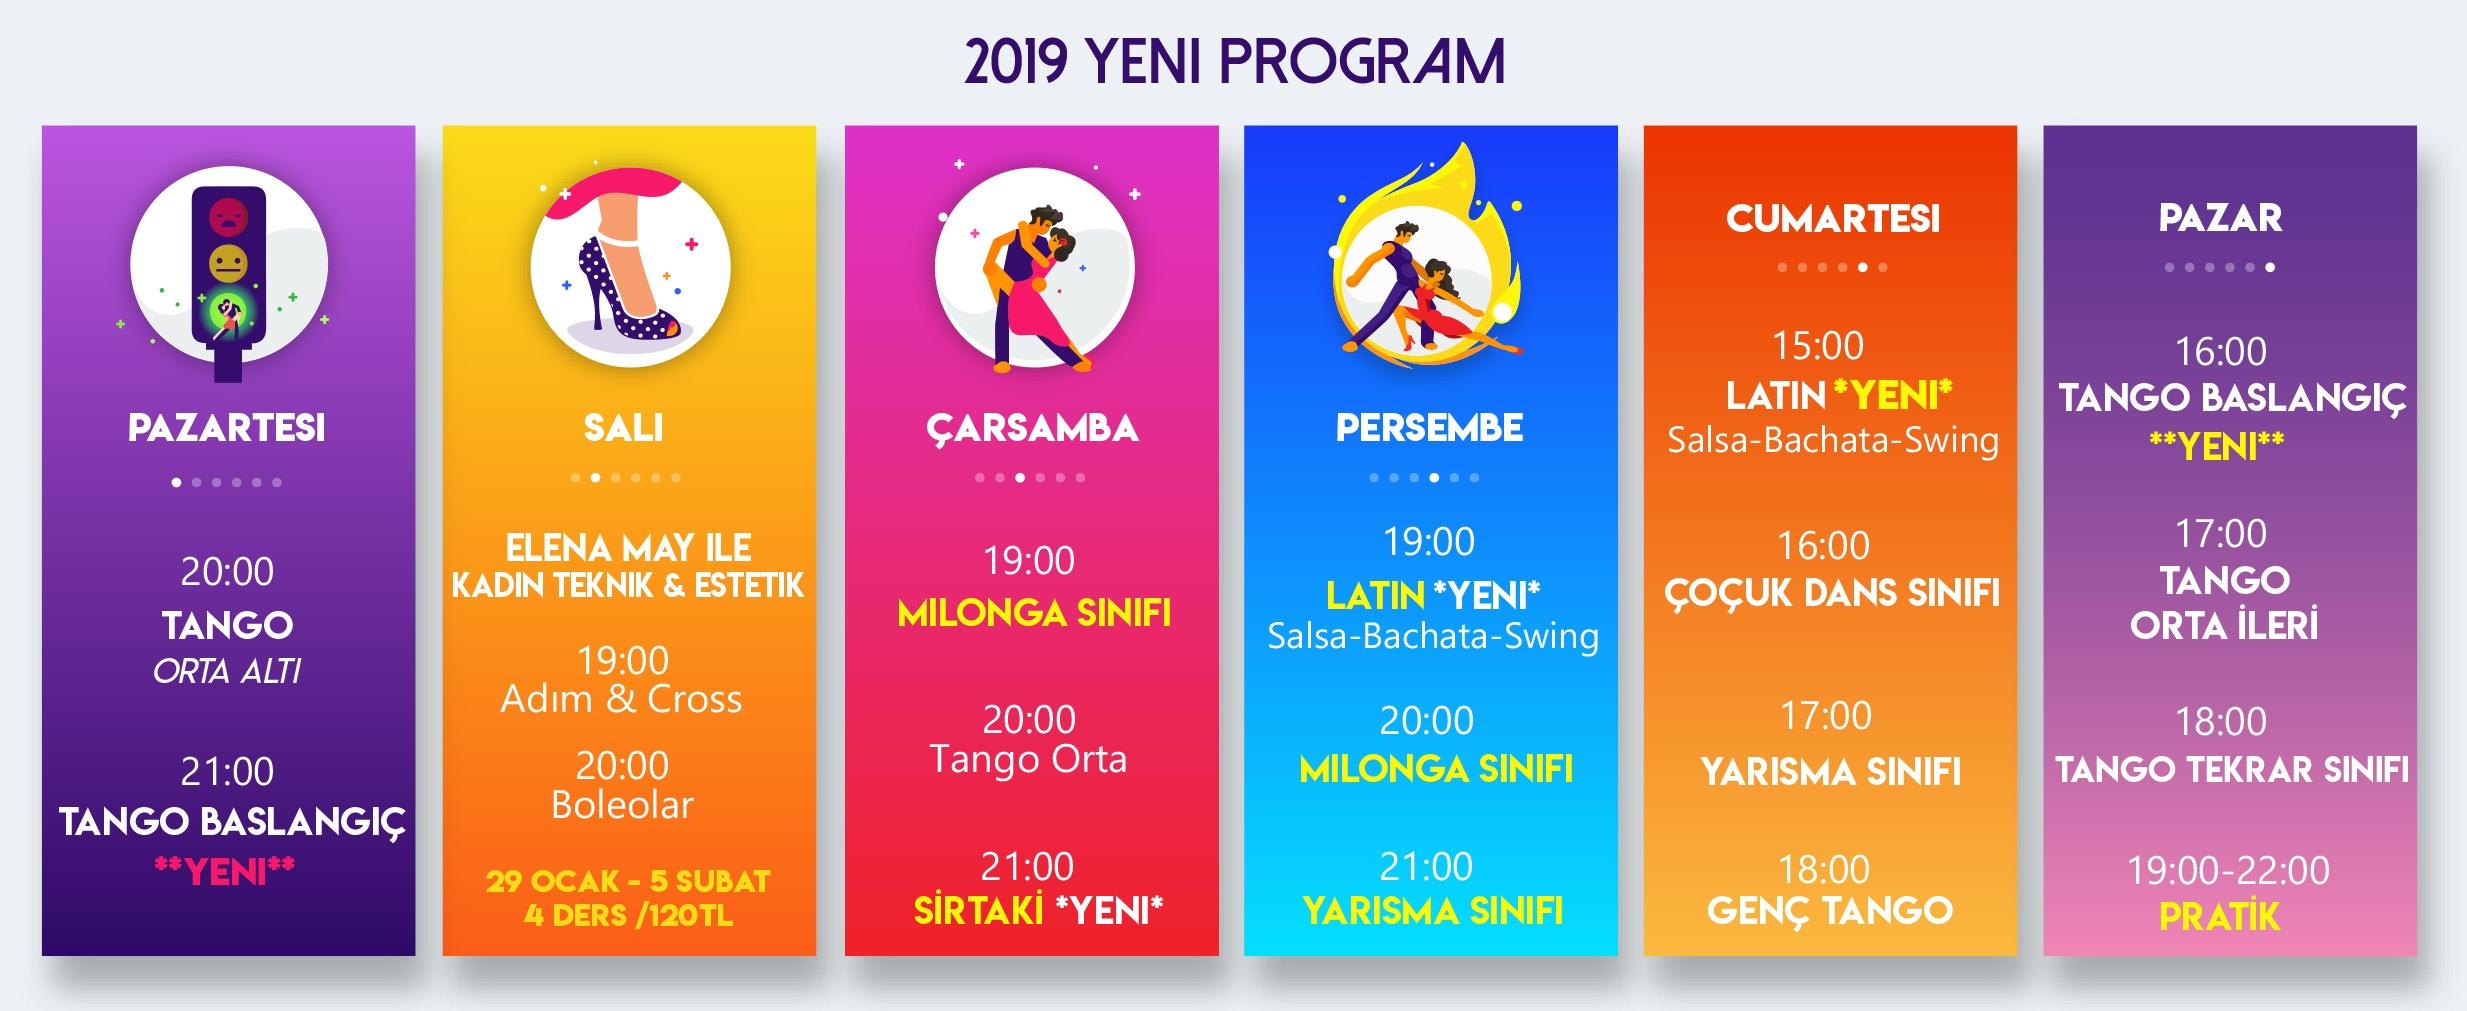 İstanbul anadolu yakası dans kursu / Dans Dersi Program/ TangoPera